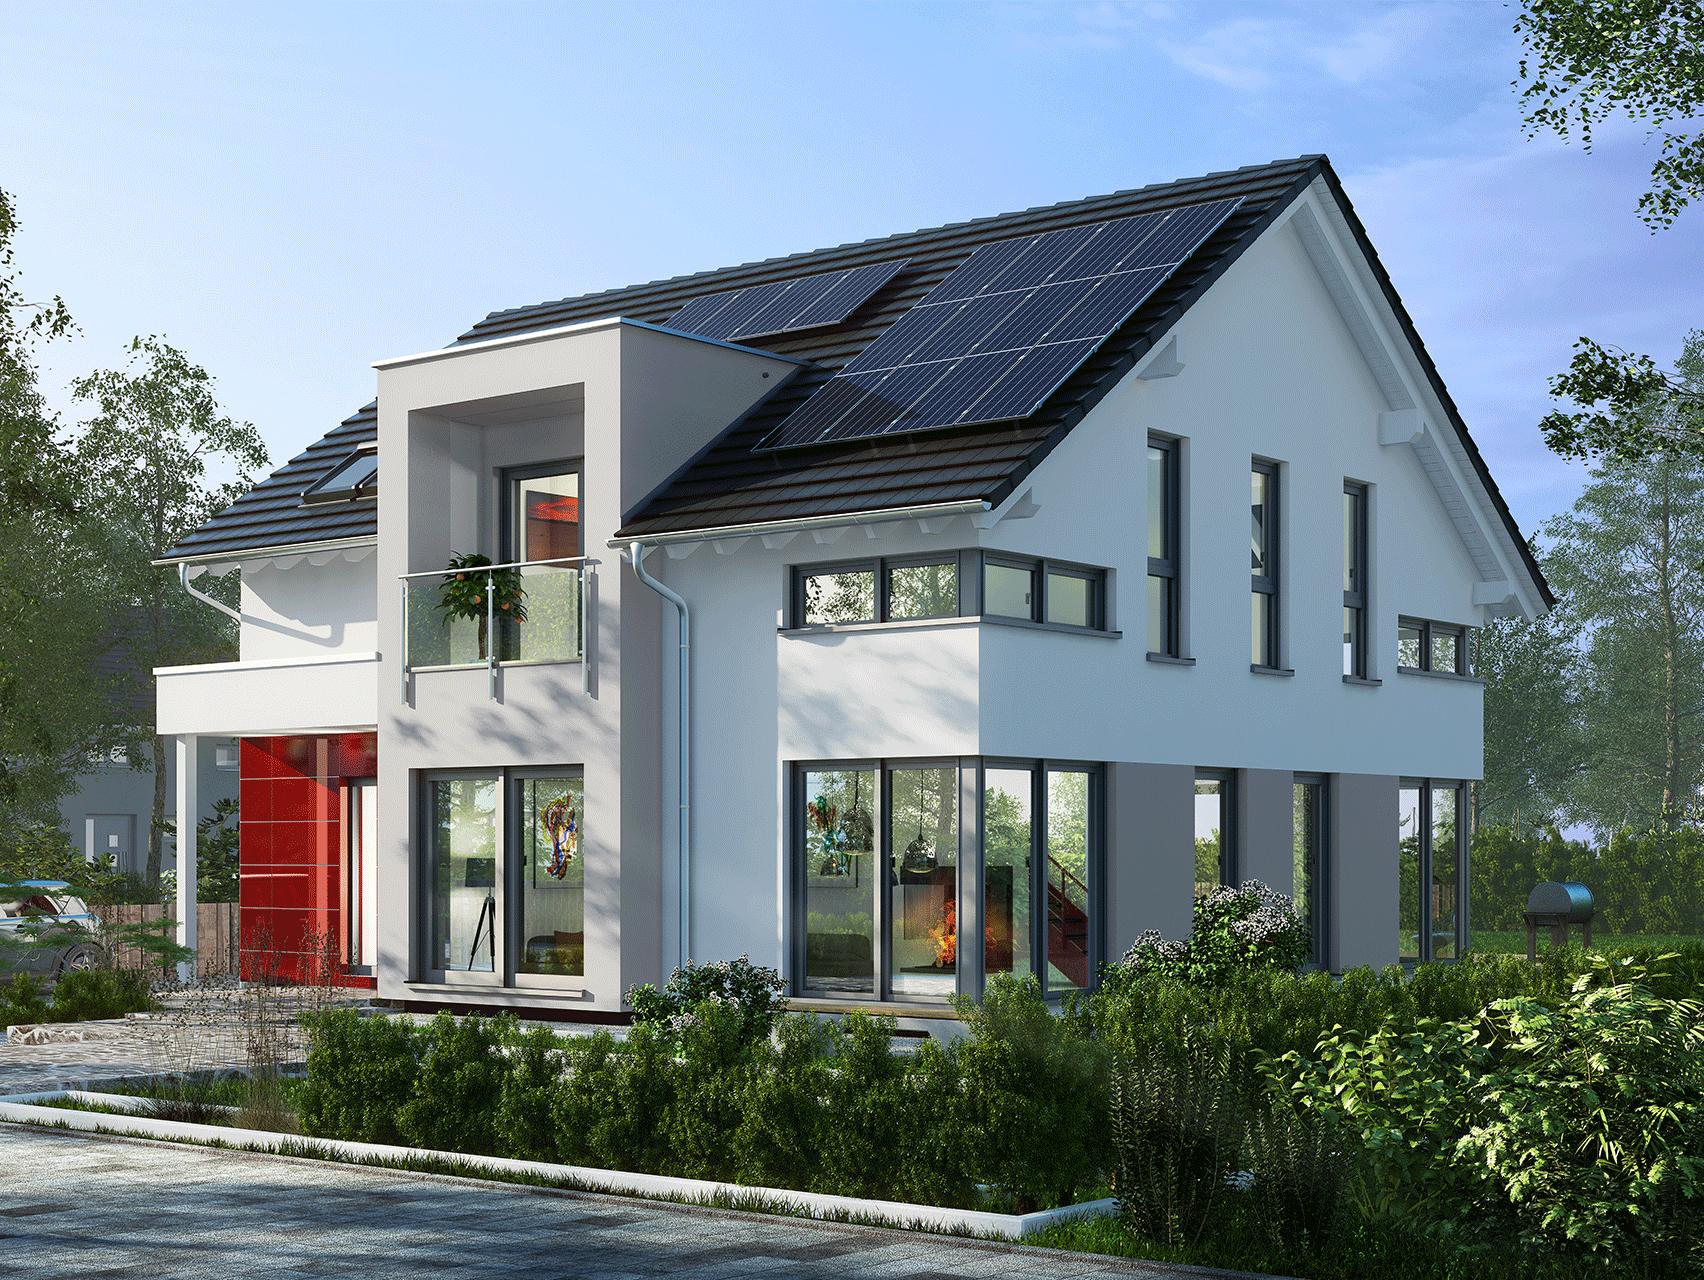 planungsvorschlag mit zwerchgiebel und balkon. Black Bedroom Furniture Sets. Home Design Ideas